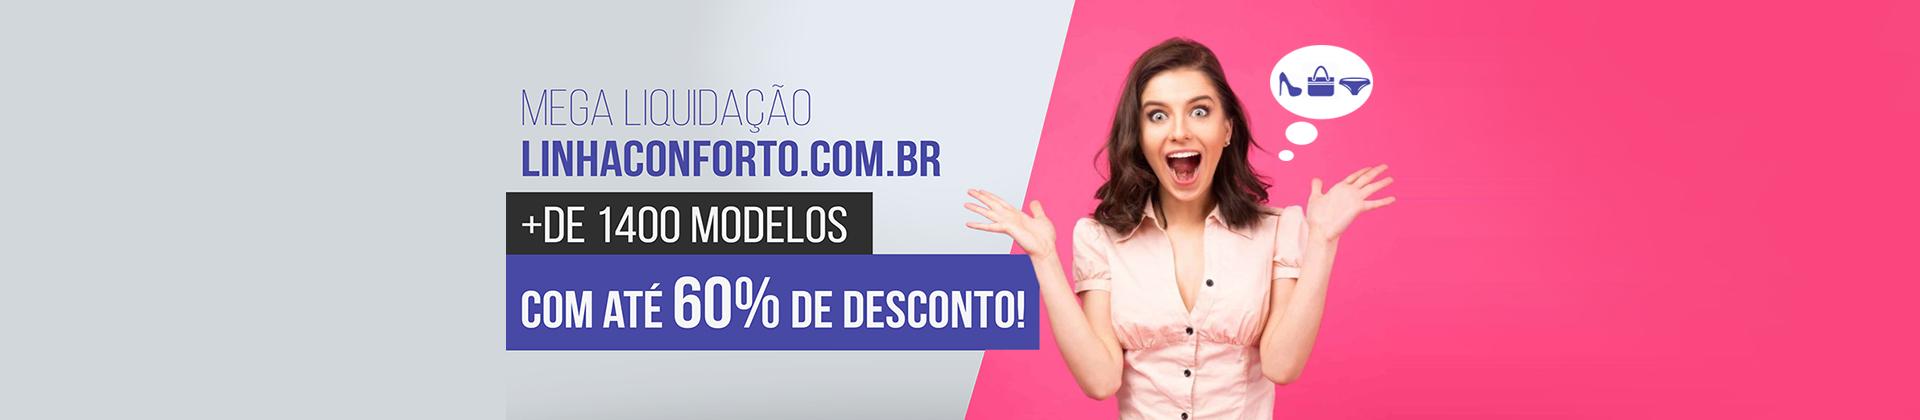 Liquidação LinhaConforto.com.br